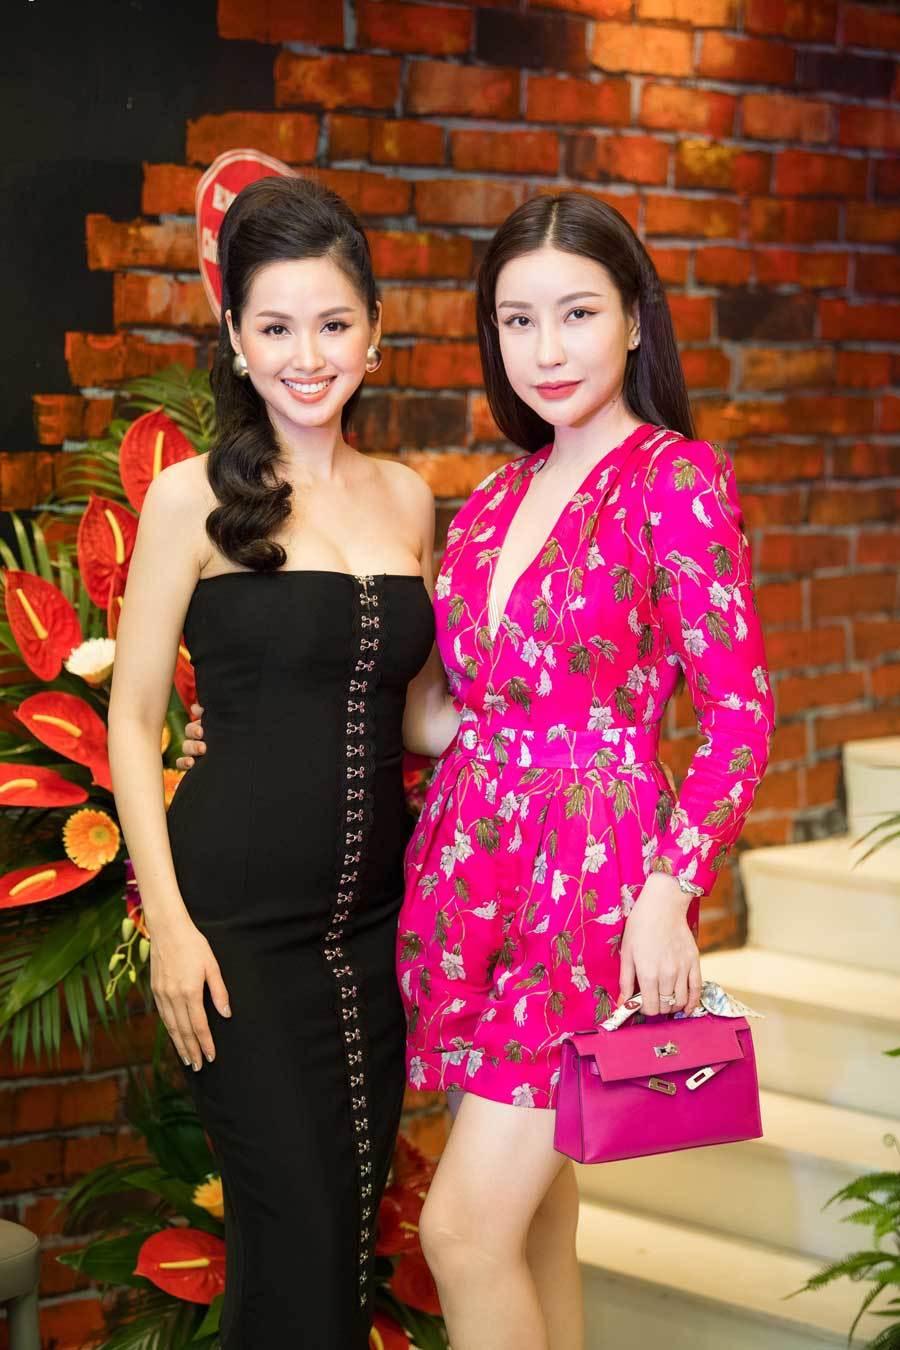 Diệp Lâm Anh bầu vượt mặt đi sự kiện cùng chồng đại gia